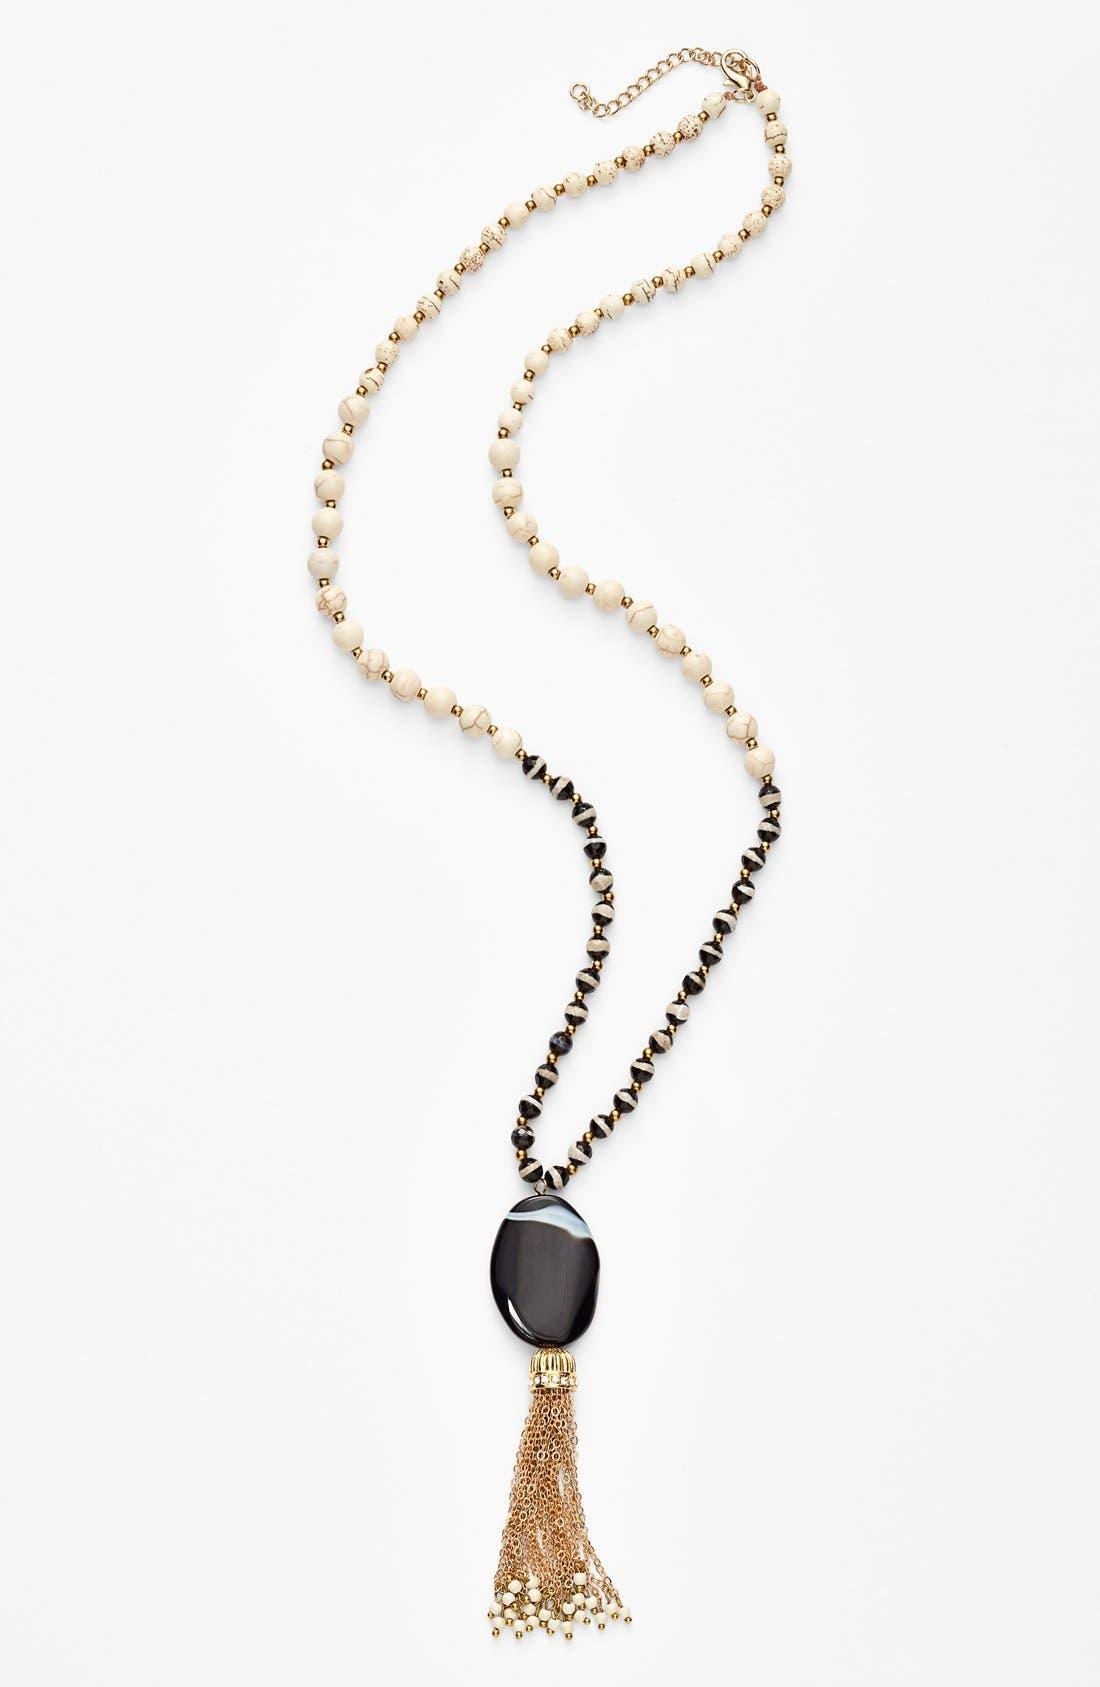 Main Image - Panacea Black & White Stone Tassel Necklace